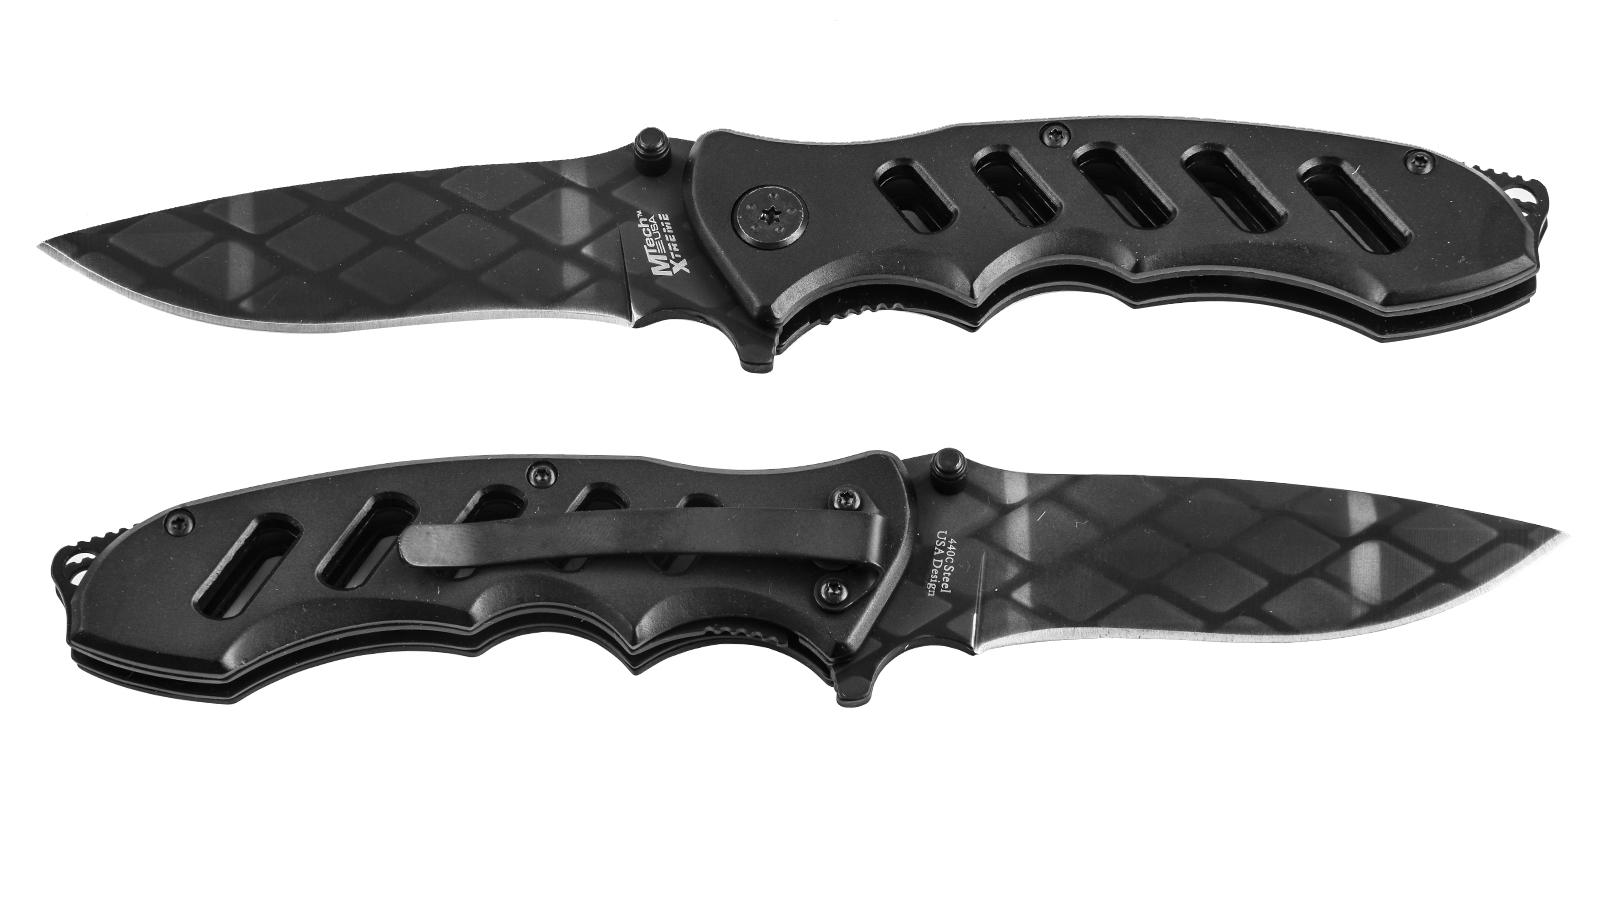 Черный складной нож MTech MX-8027A Xtreme Premium по выгодной цене